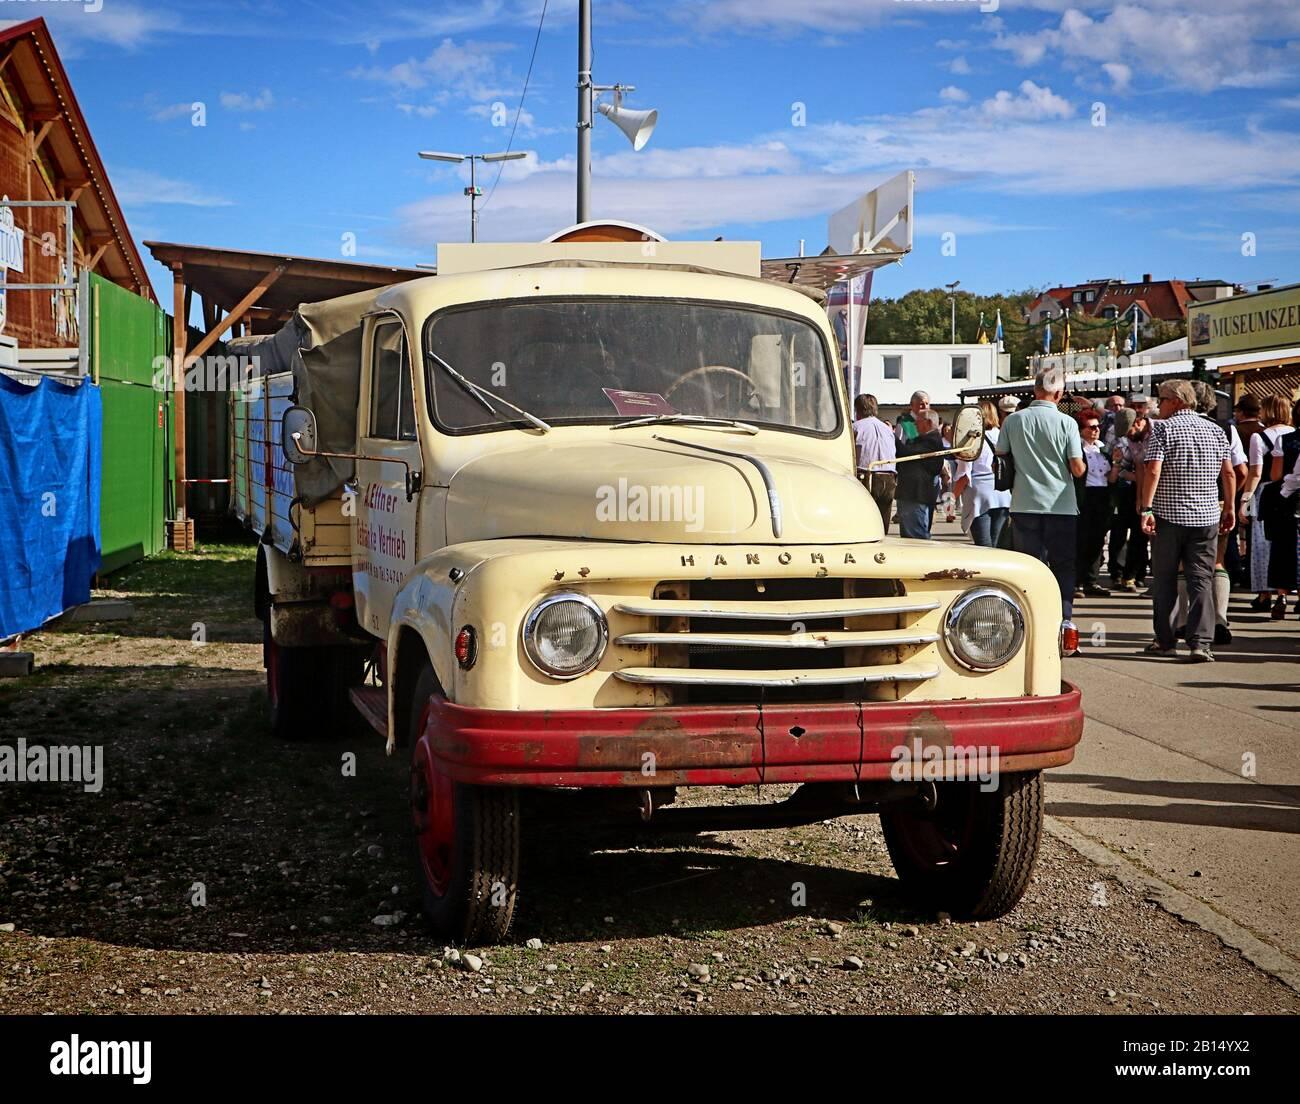 Munich, ALLEMAGNE - 1 OCTOBRE 2019 le camion agricole Vintage Hanomag est exposé à l'Oide Wiesn partie historique de l'Oktoberfest à Munich, une famille et un enfant- Banque D'Images